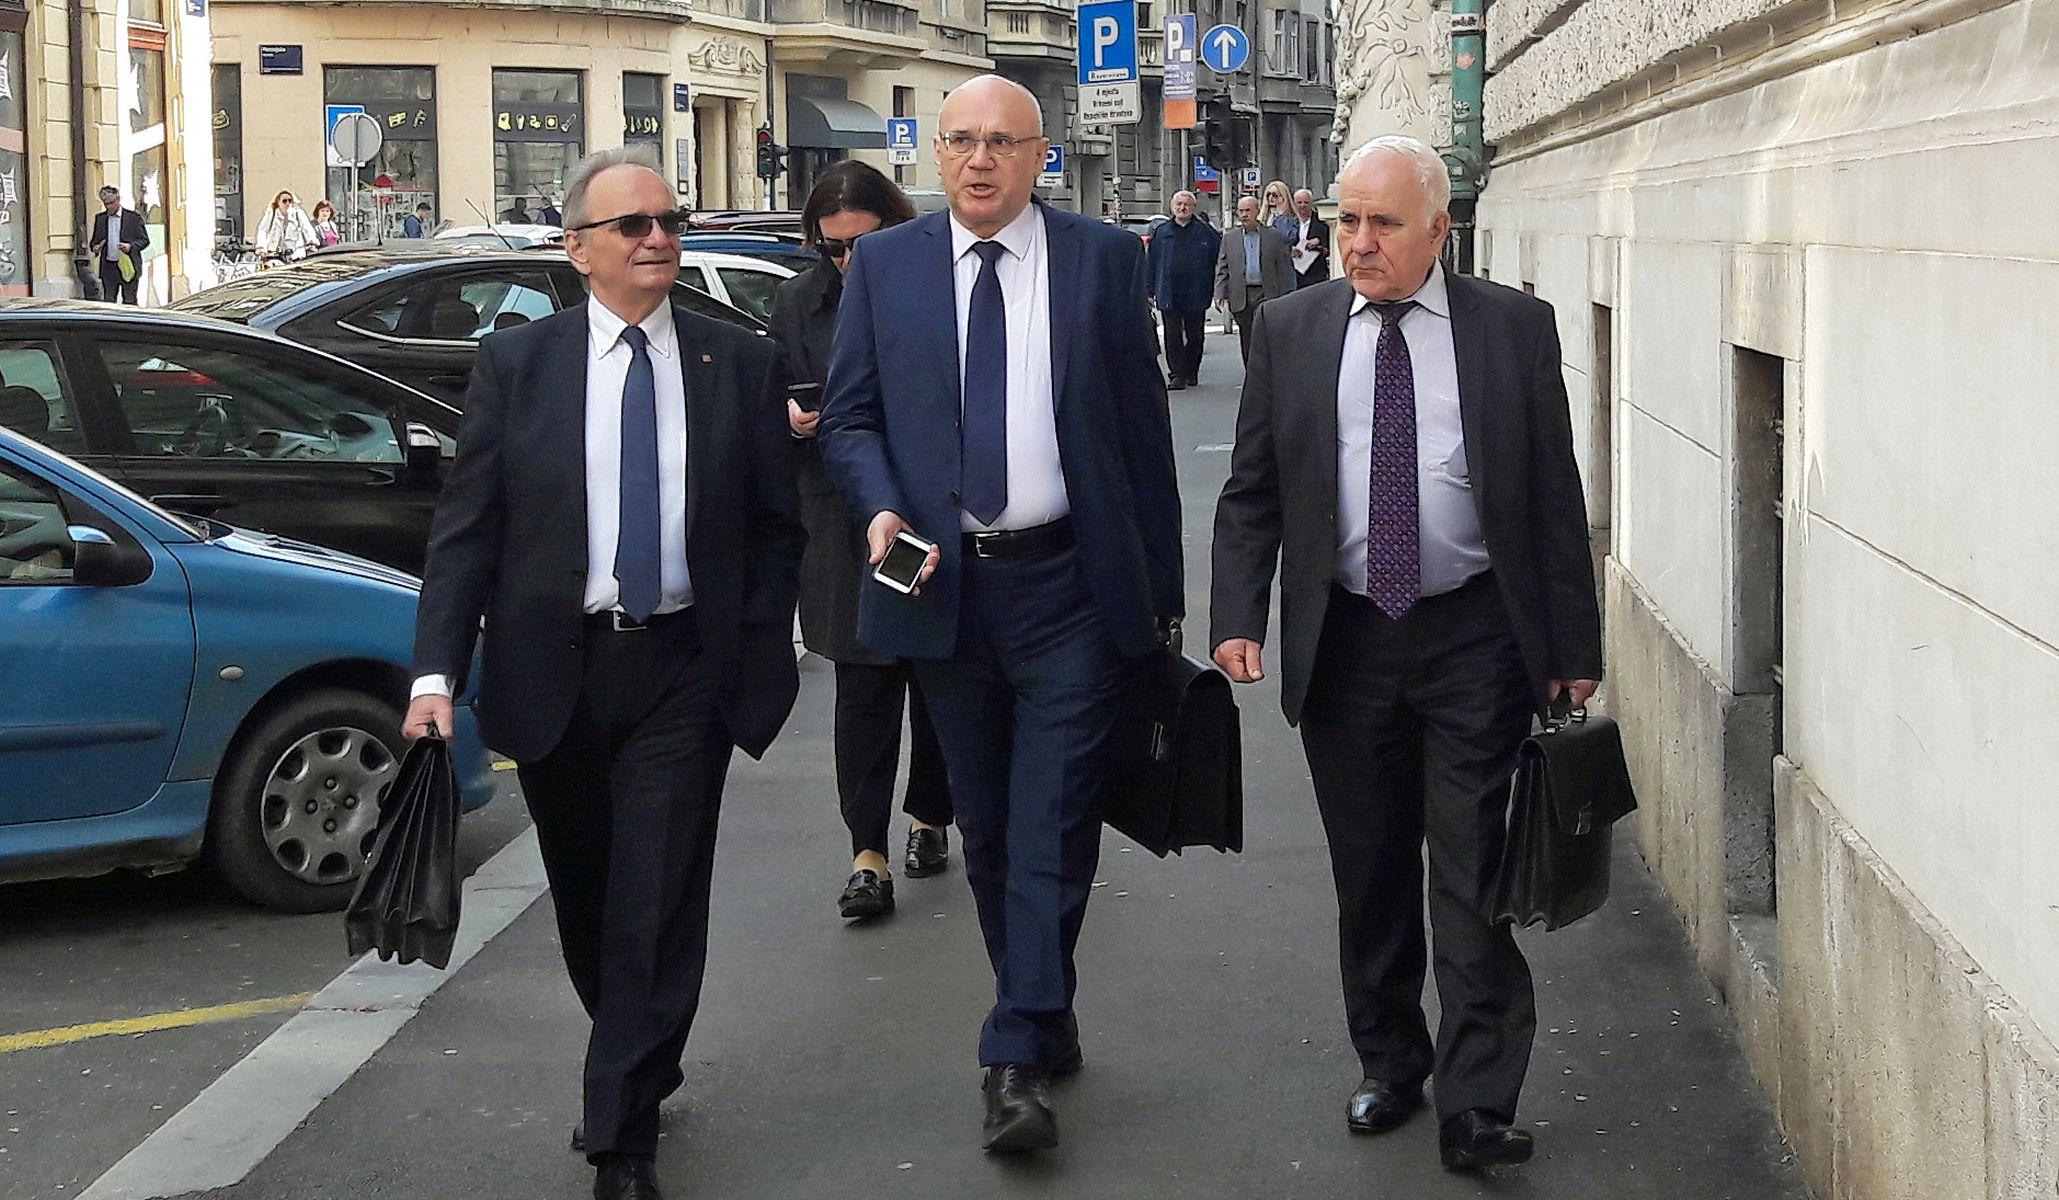 Obrana očekuje izmijenjenu optužnicu uoči novog suđenja Glavašu